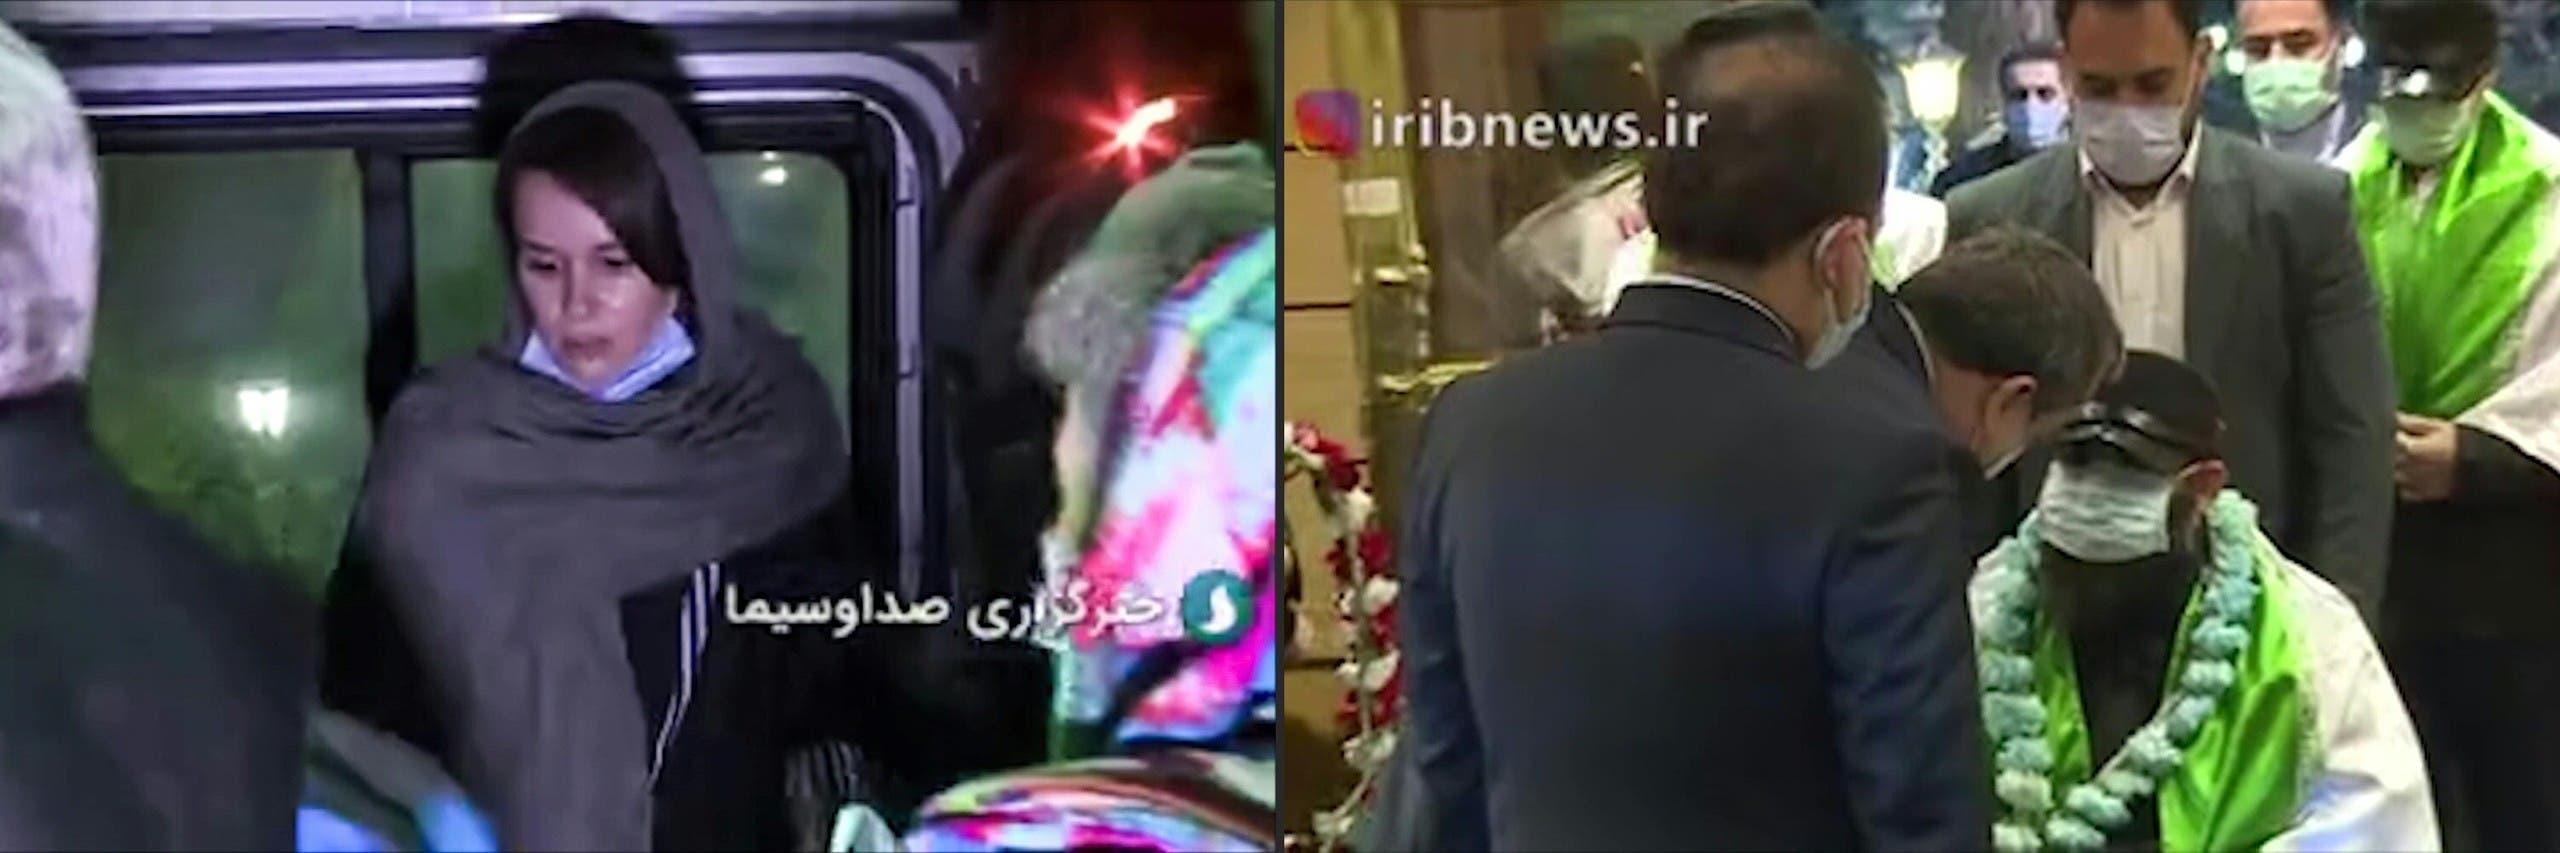 لحظات بثها التلفزيون الإيراني للحظات التبادل (فرانس برس)